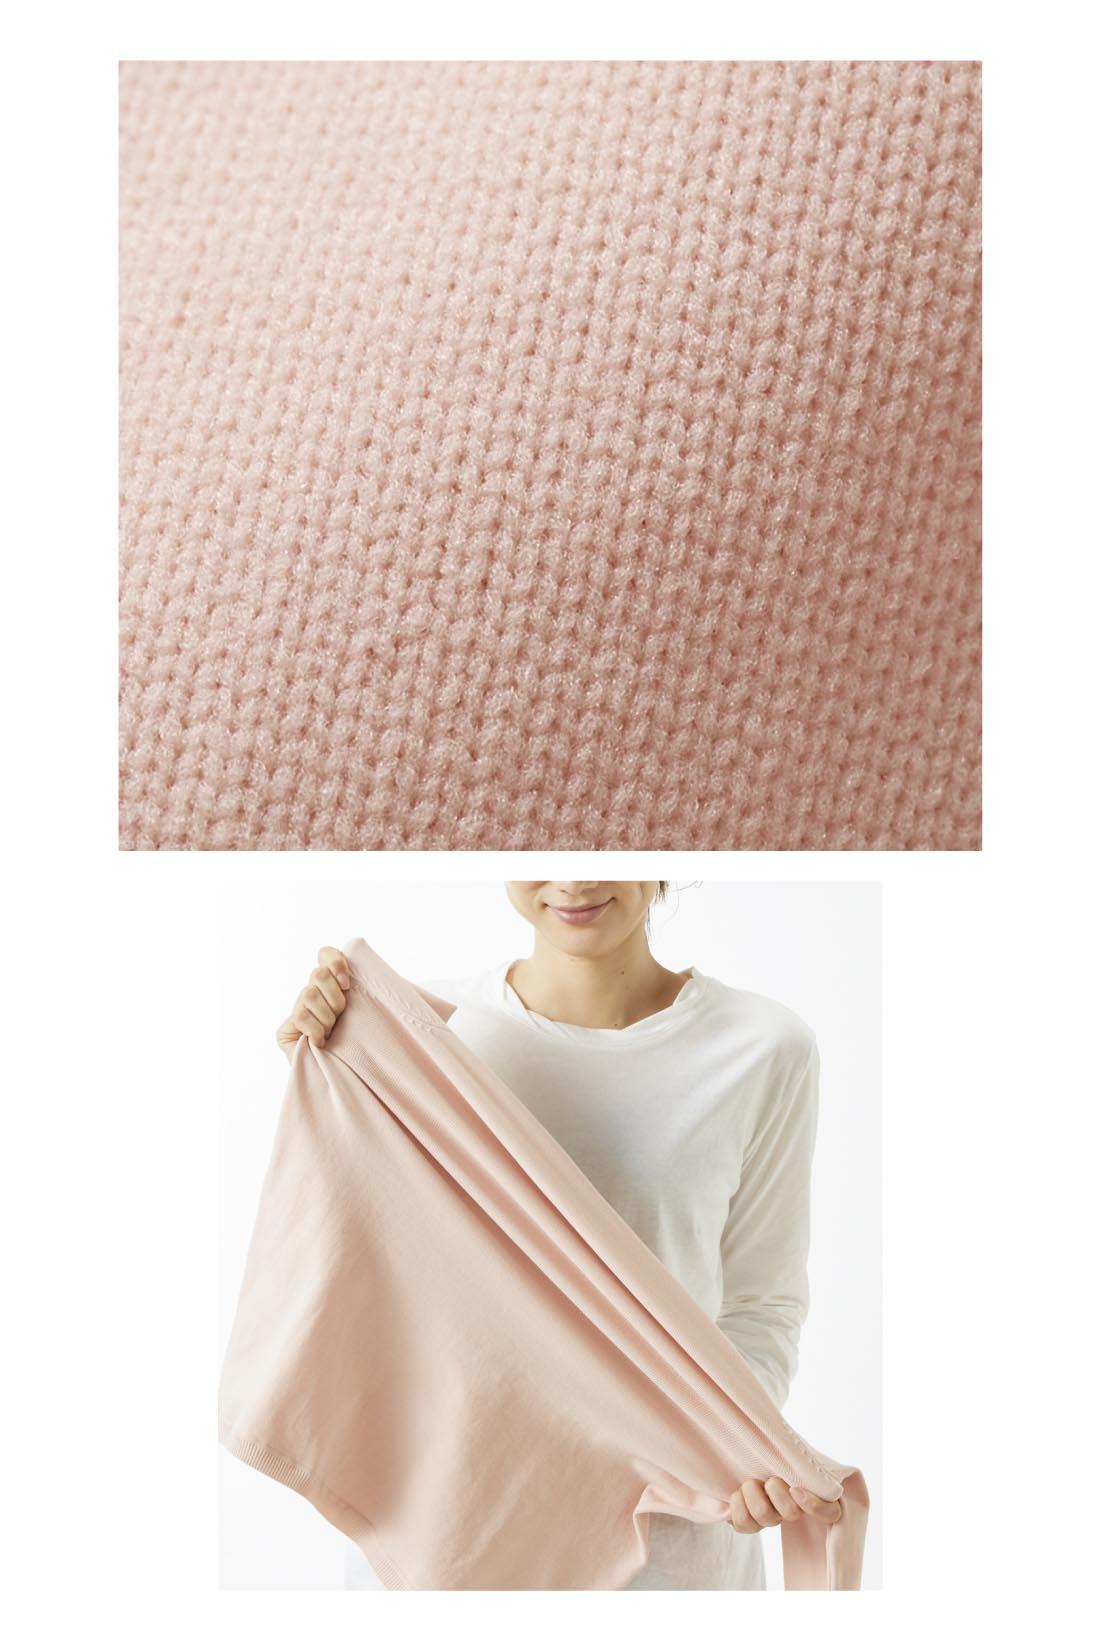 さらりとしたナイロン100%のストレッチ糸を編み立てているので、驚くほど伸びやかで型くずれの心配も少ない。ニットなのに洗濯機で洗える気軽さも、毎日袖を通したくなる理由。